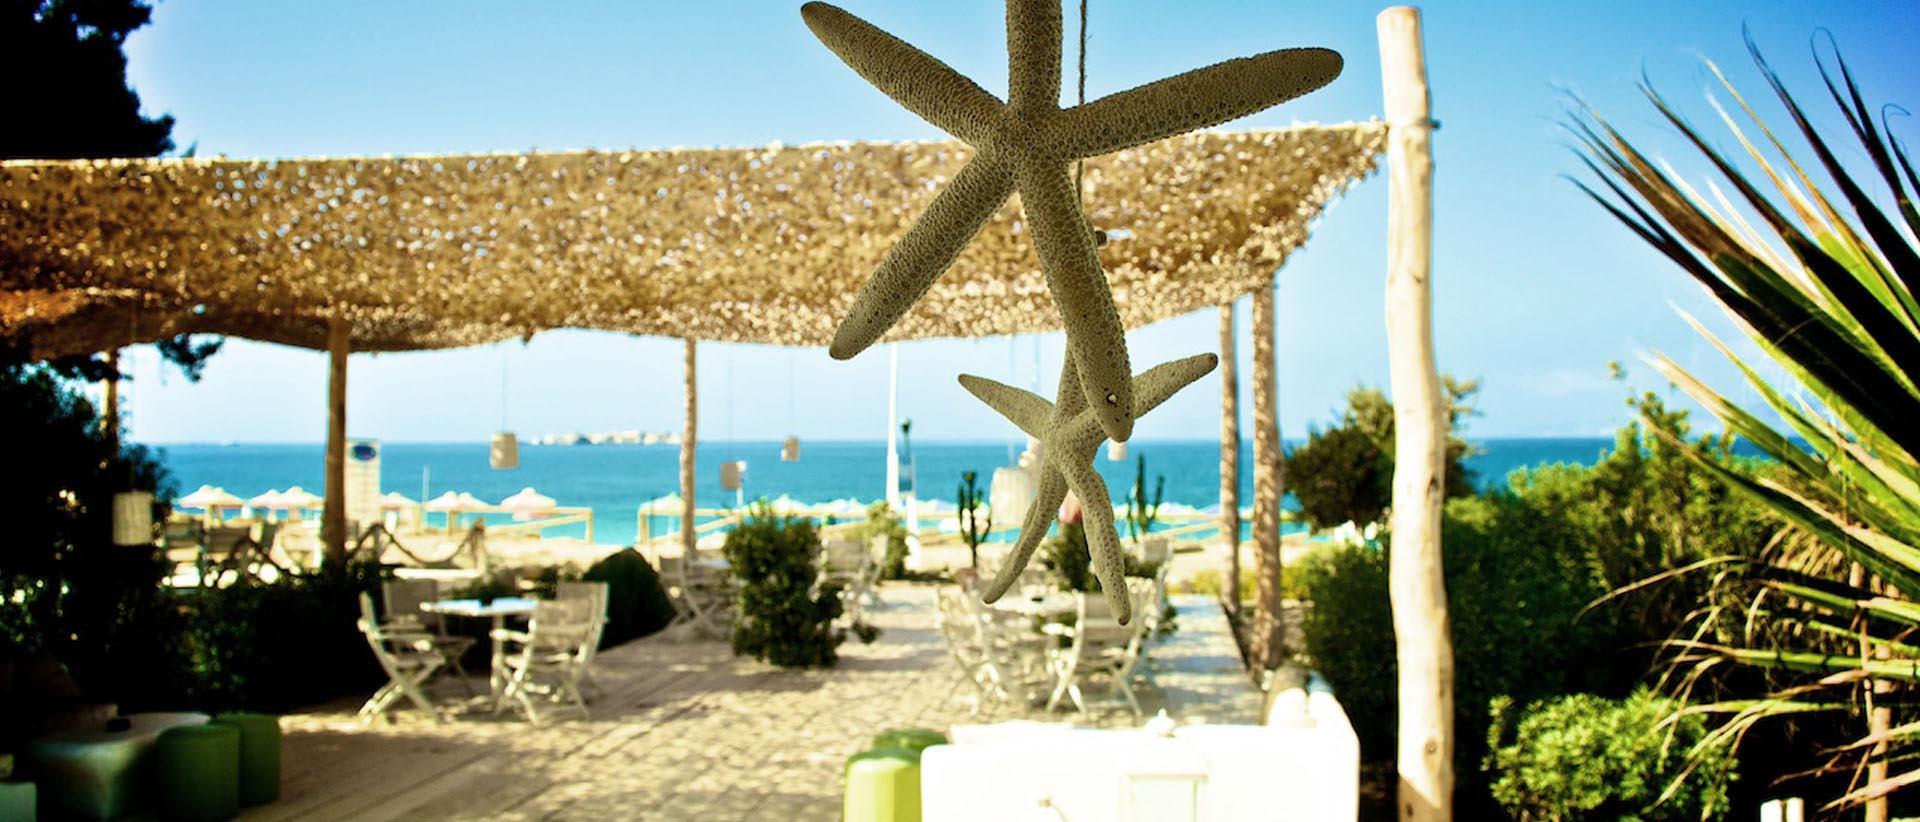 Μία από τις καλύτερες παραλίες της Νάξου.